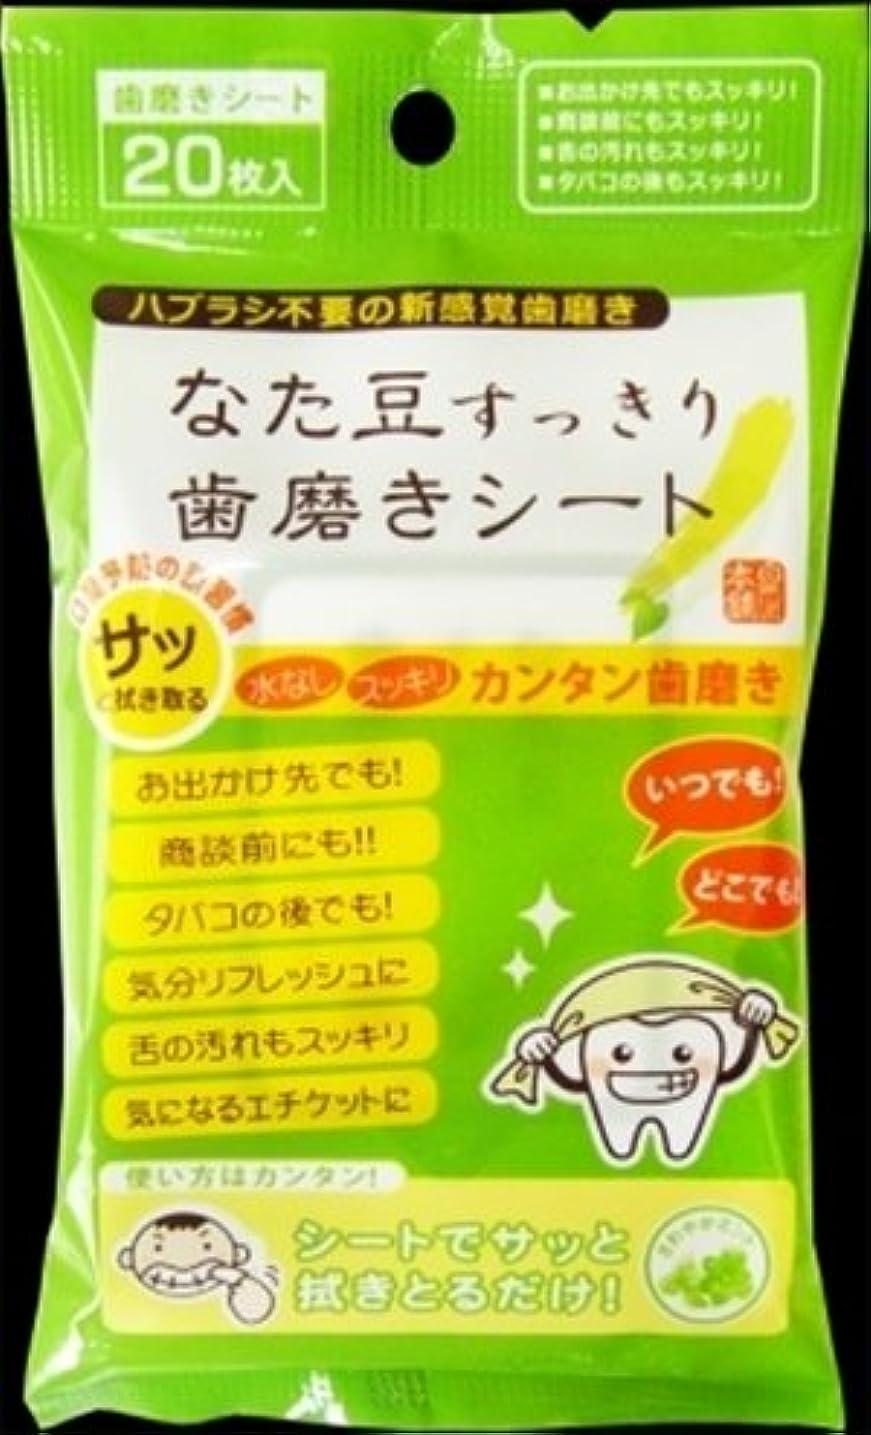 トリッキー判定プロフィールなた豆すっきり歯磨きシート 20枚入り【3個セット】